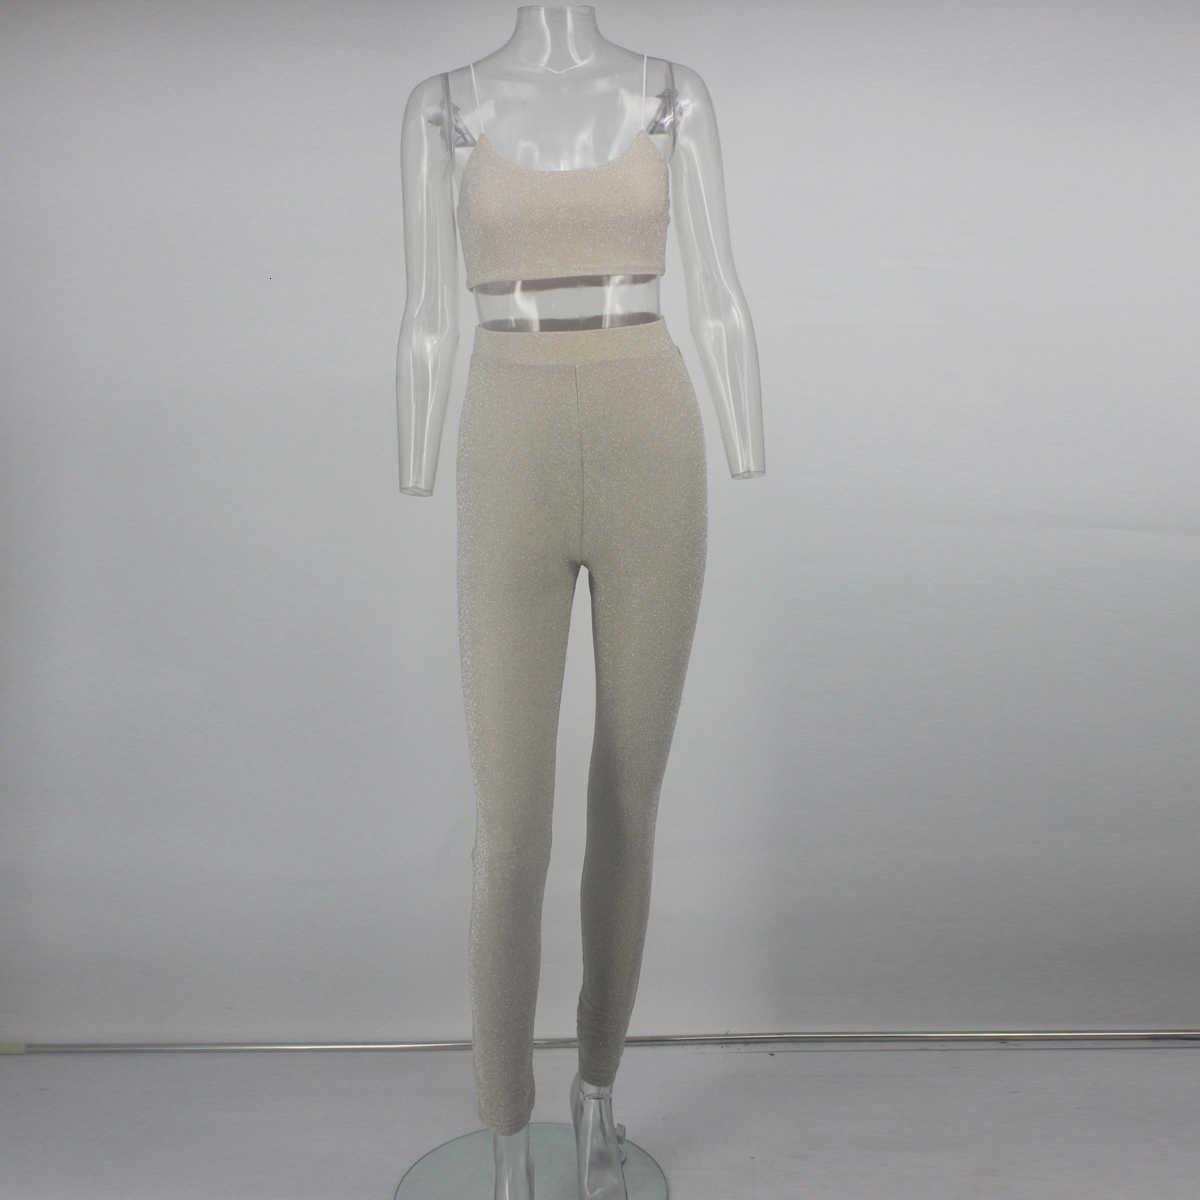 Nattemaid Sexy Glitter Zomer Twee Stukken Set Mouwloze Top En Lonbg Broek Vrouwen Set Vrouwelijke 2 Delige Set Vrouwen Elegante outfit